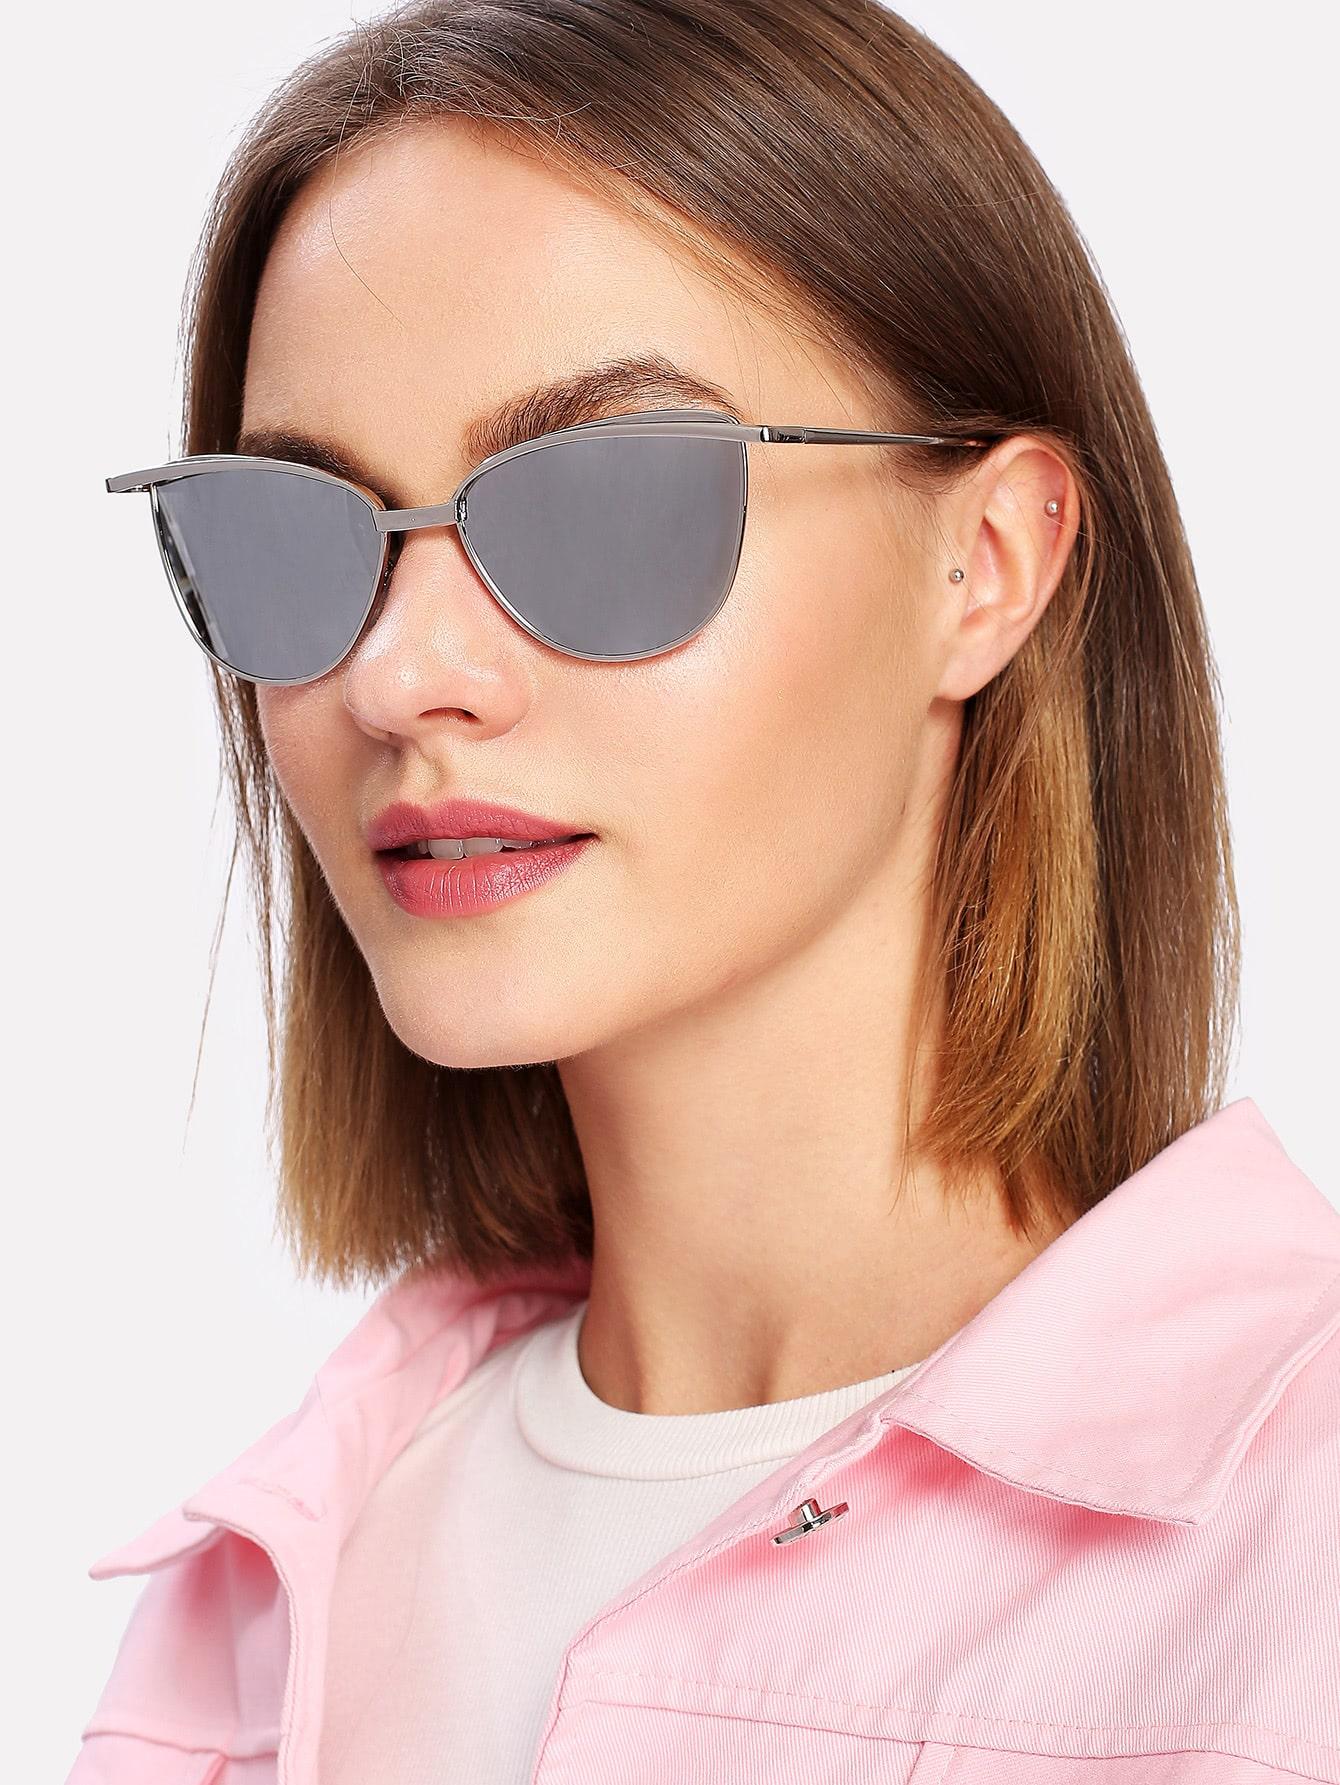 New sunglasses in fashion 64